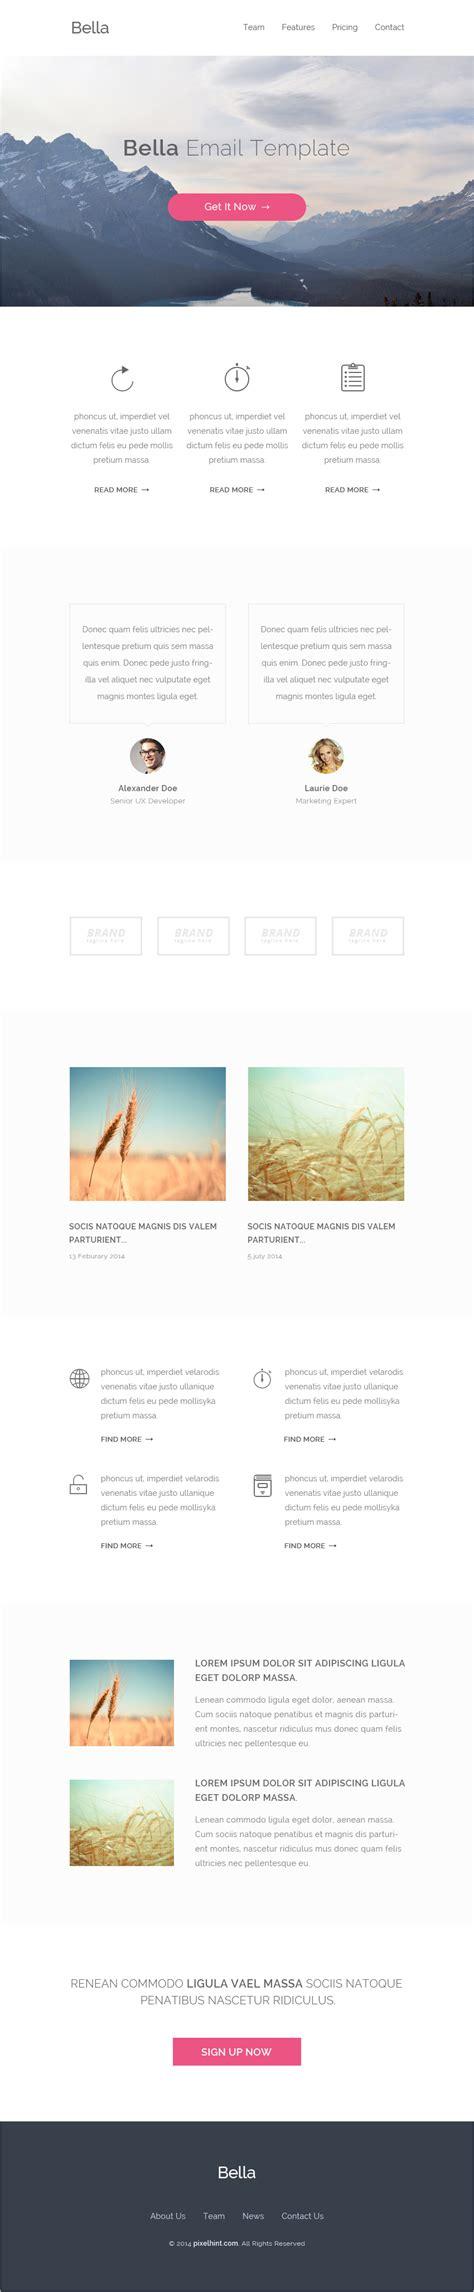 download html email template gratis bella majalah desain